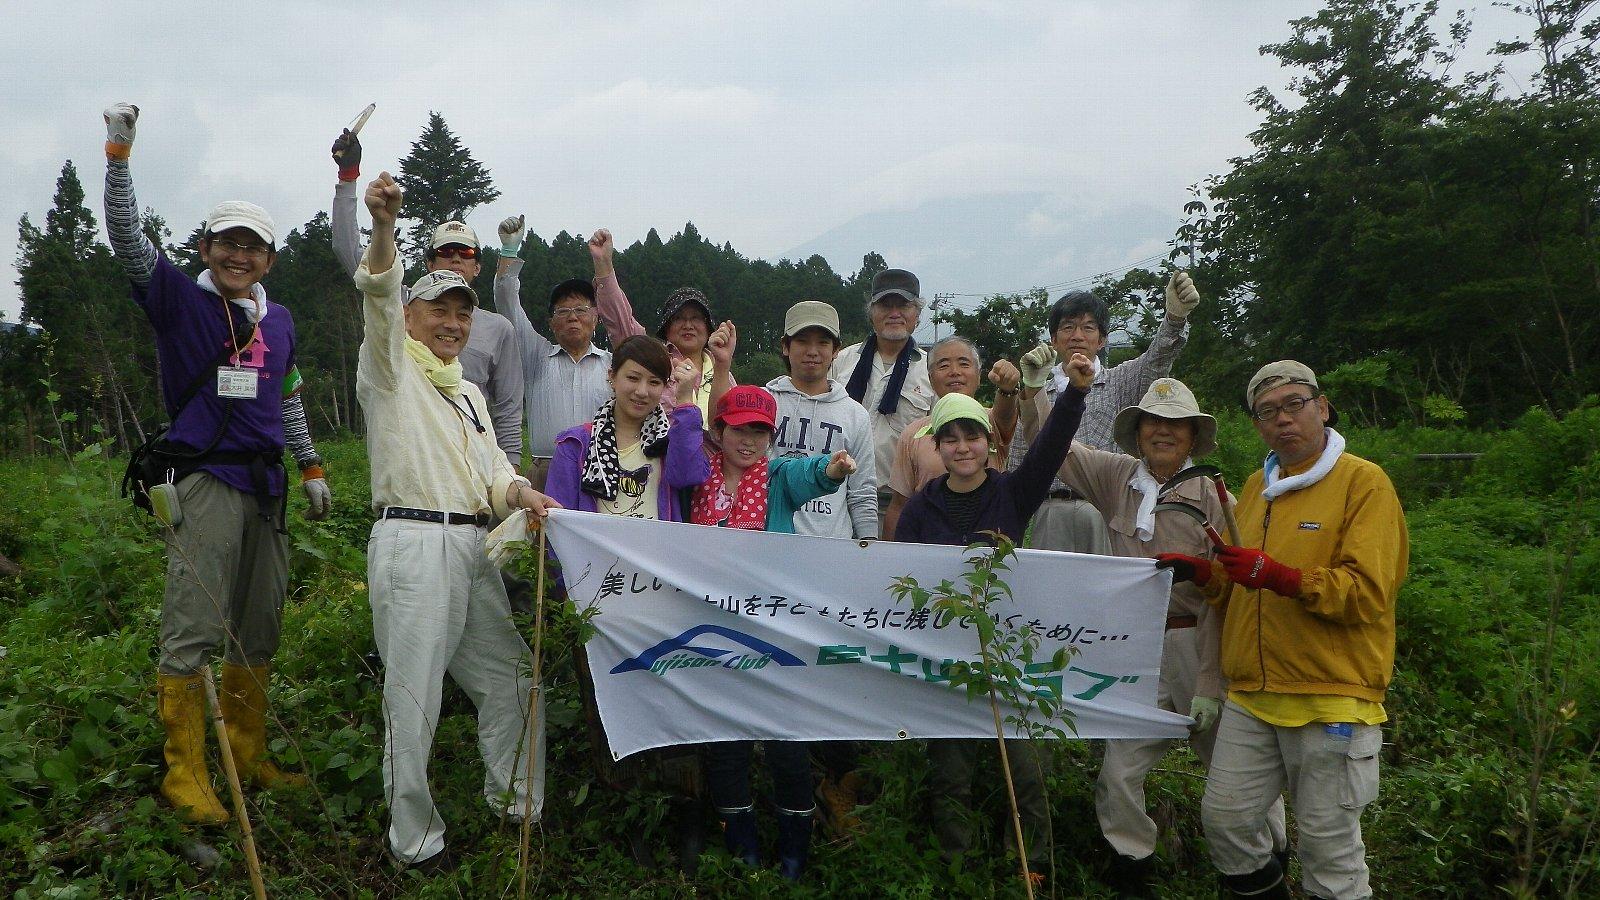 富士山育樹祭@富士宮市北山工業団地を開催しました!!